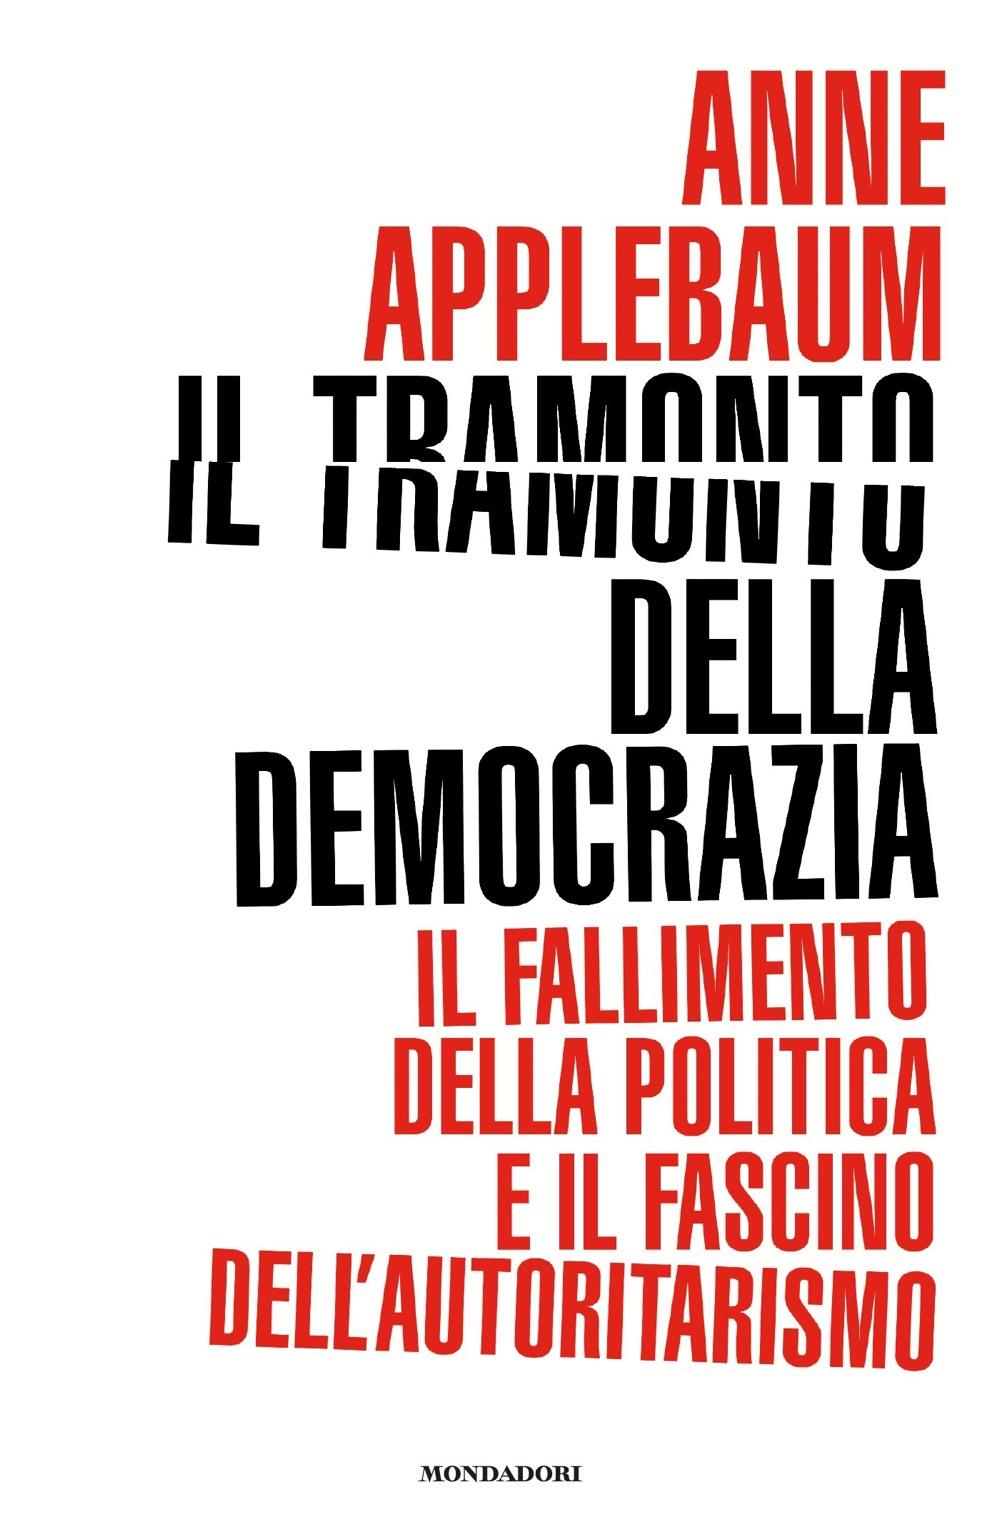 Il tramonto della democrazia - Anne Applebaum   Libri Mondadori